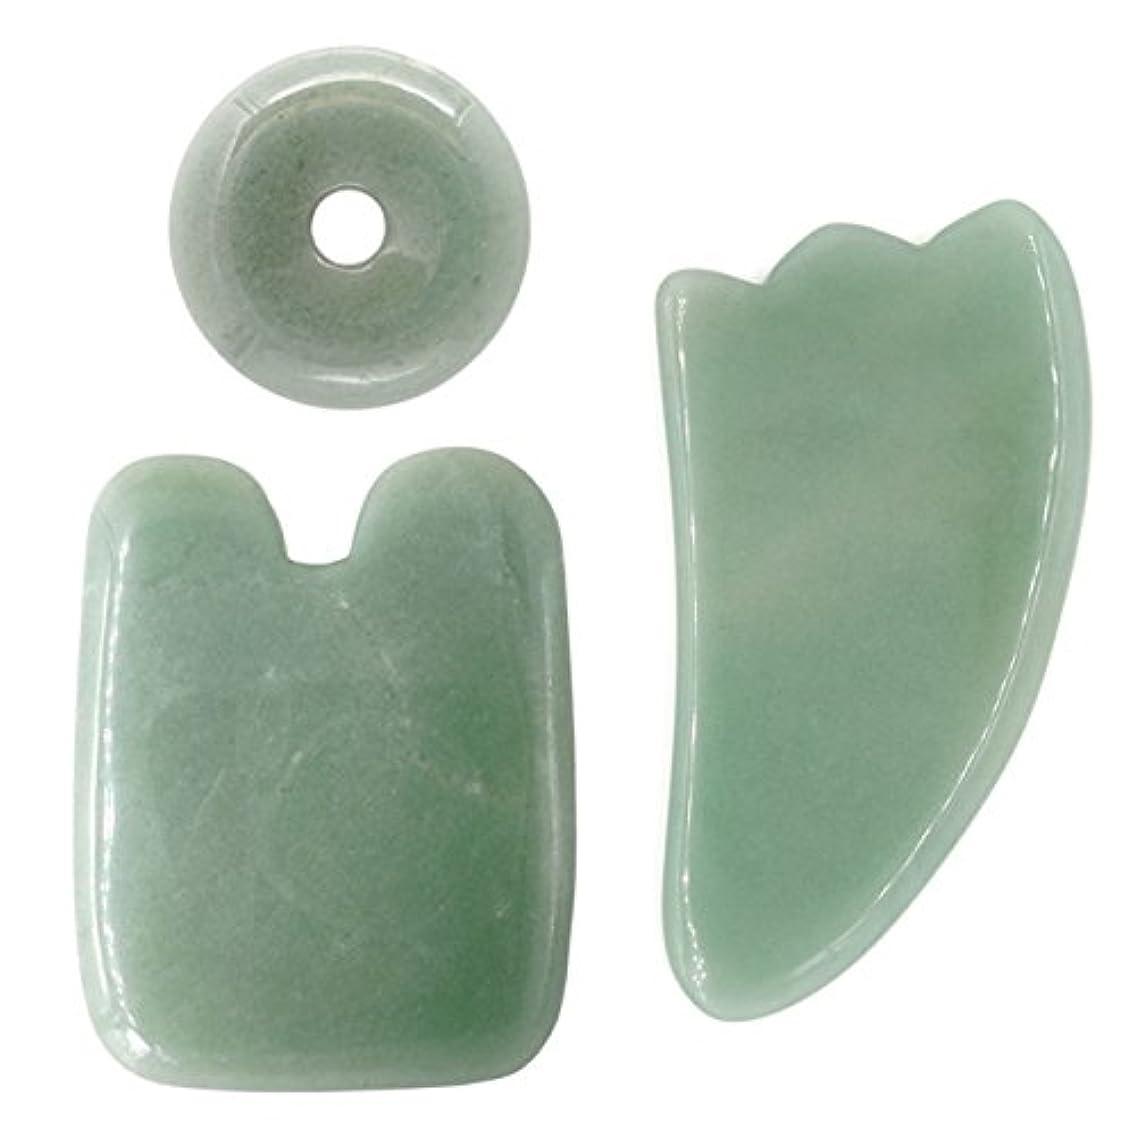 結核用語集孤独3点セット3pcsFace / Body Massage Natural Jade Boardかっさプレート 天然石 翡翠(顔?ボディのリンパマッサージ)